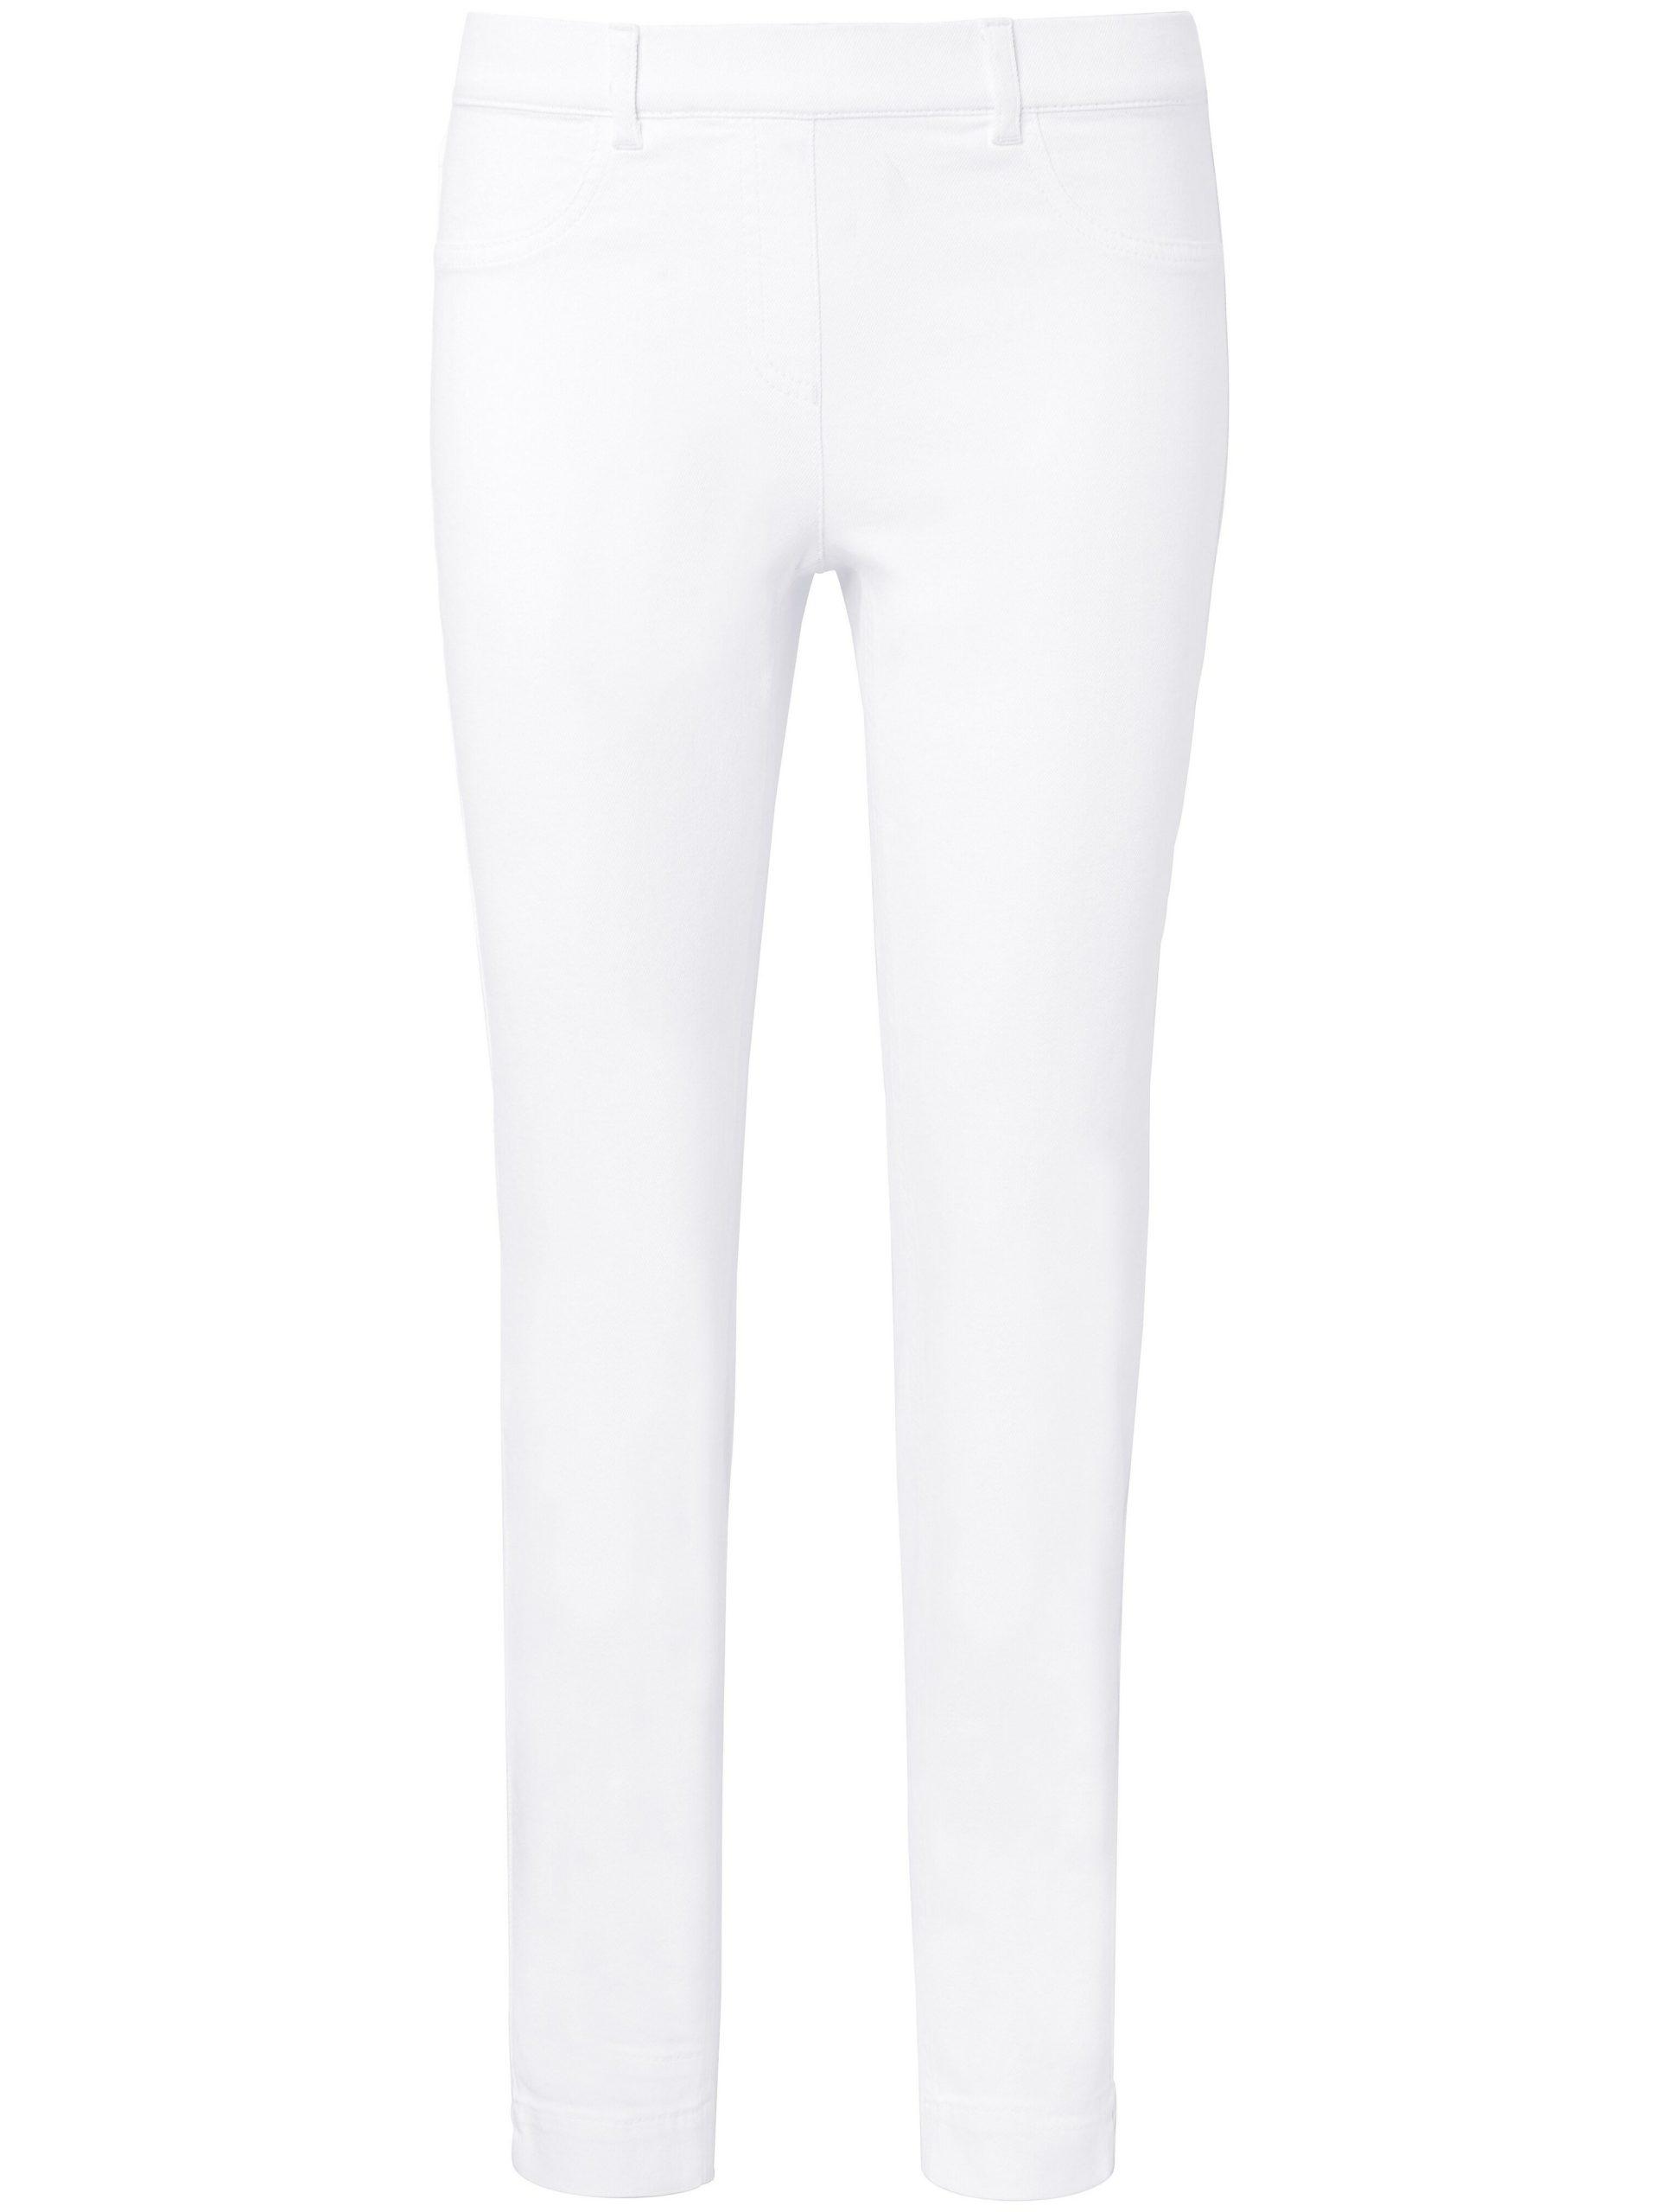 Enkellange jeans pasvorm Sylvia met ritssluiting Van Peter Hahn wit Kopen